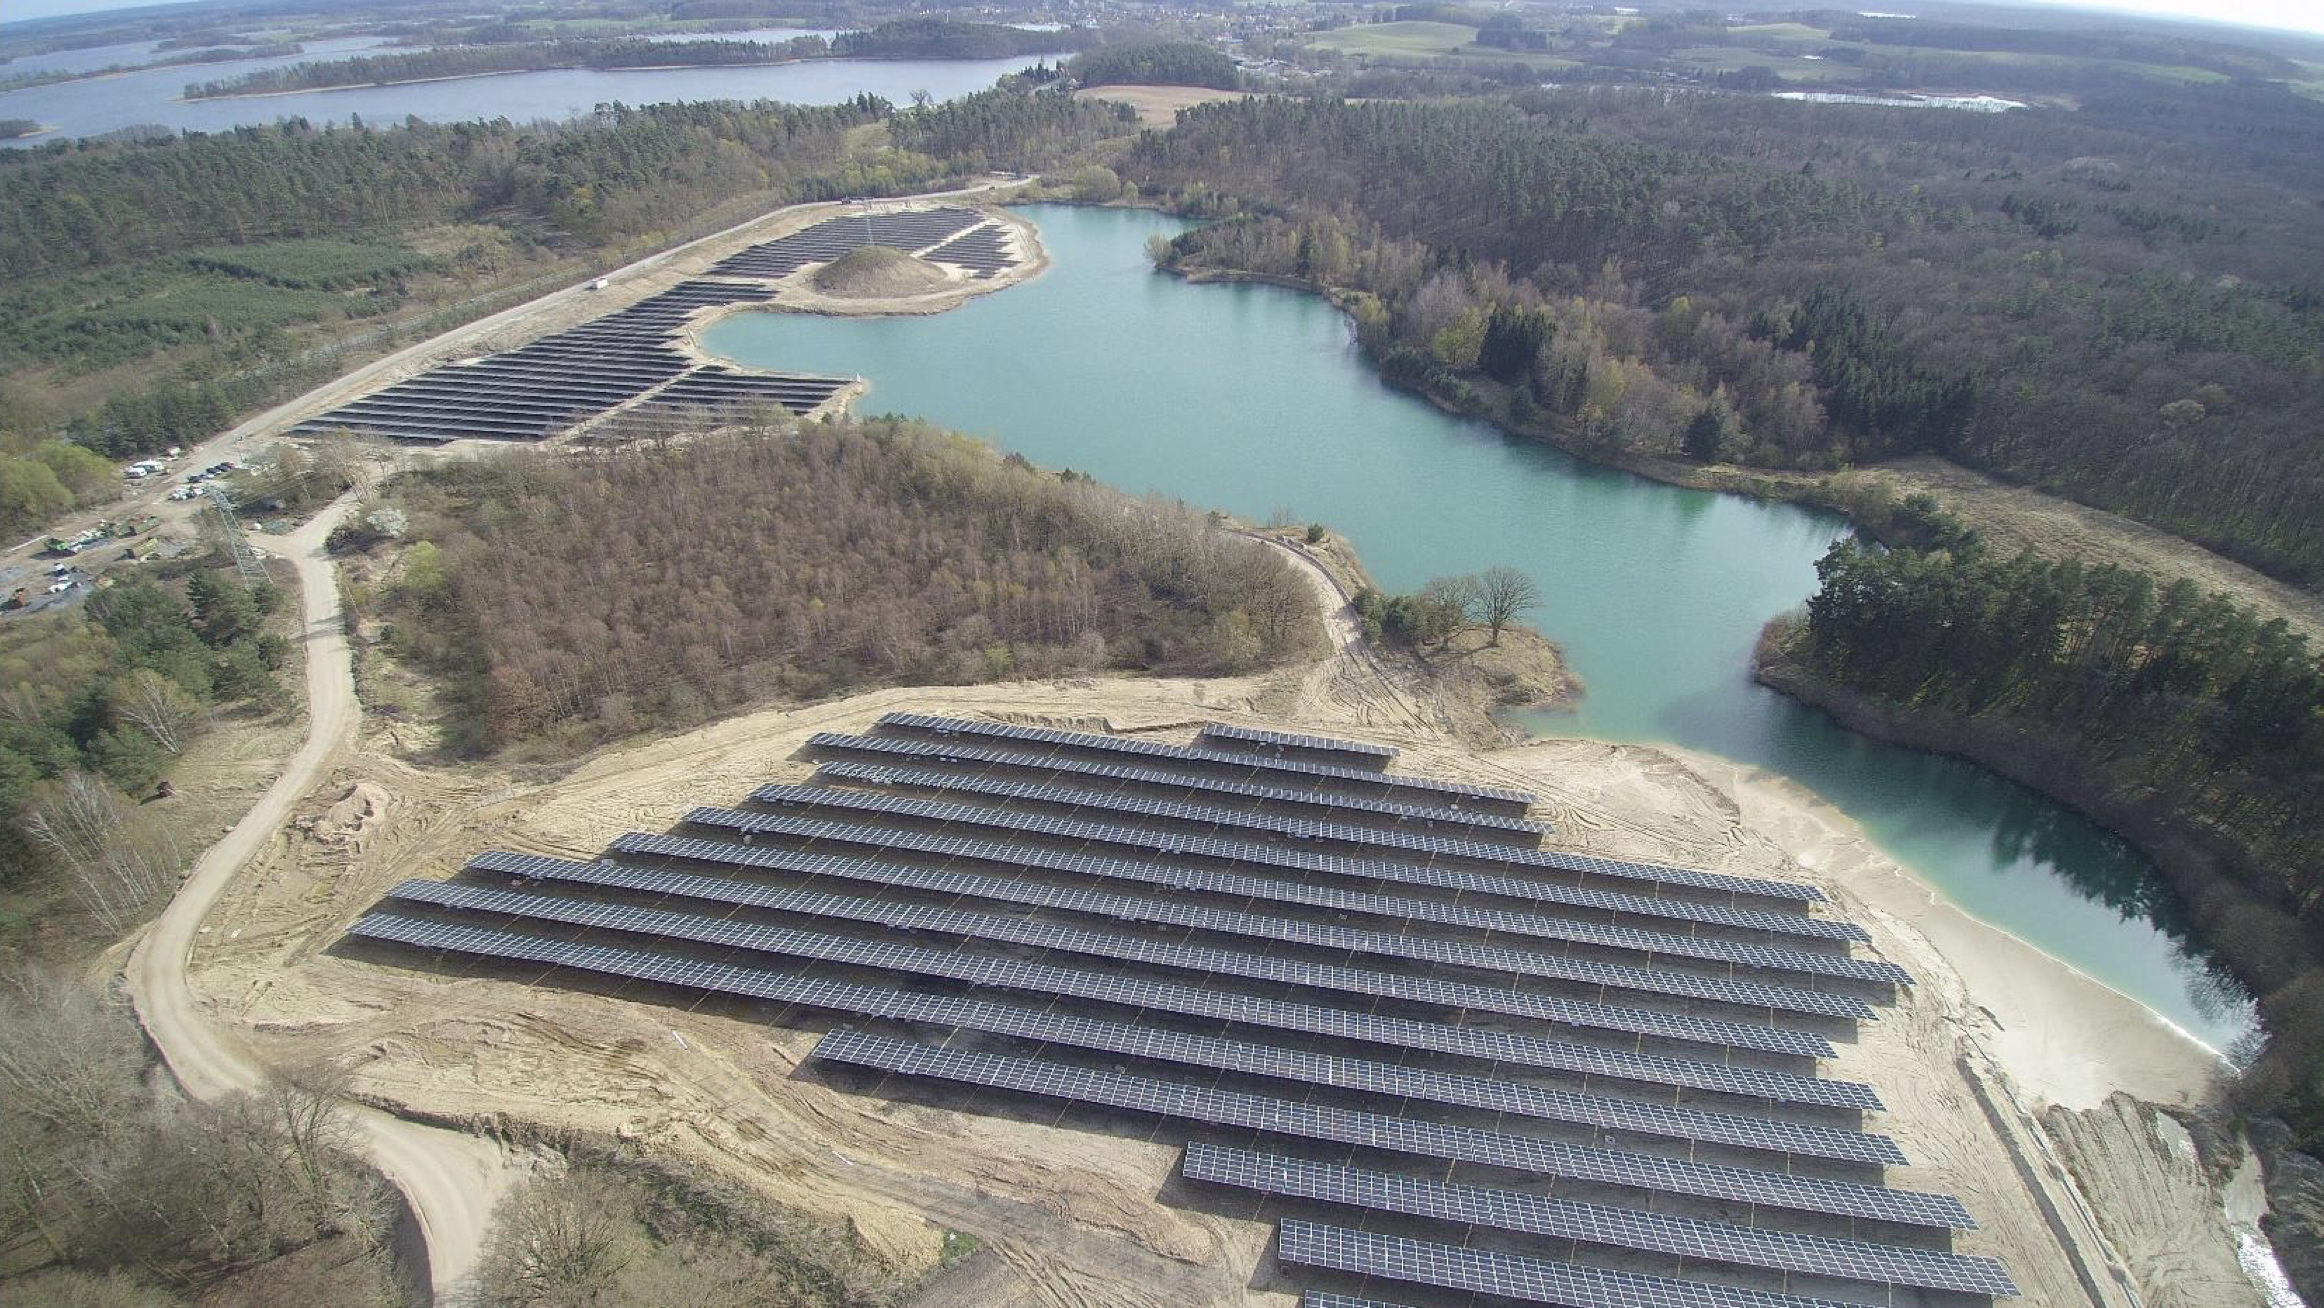 7C Solarparken Aktie Analyse PV Anlage